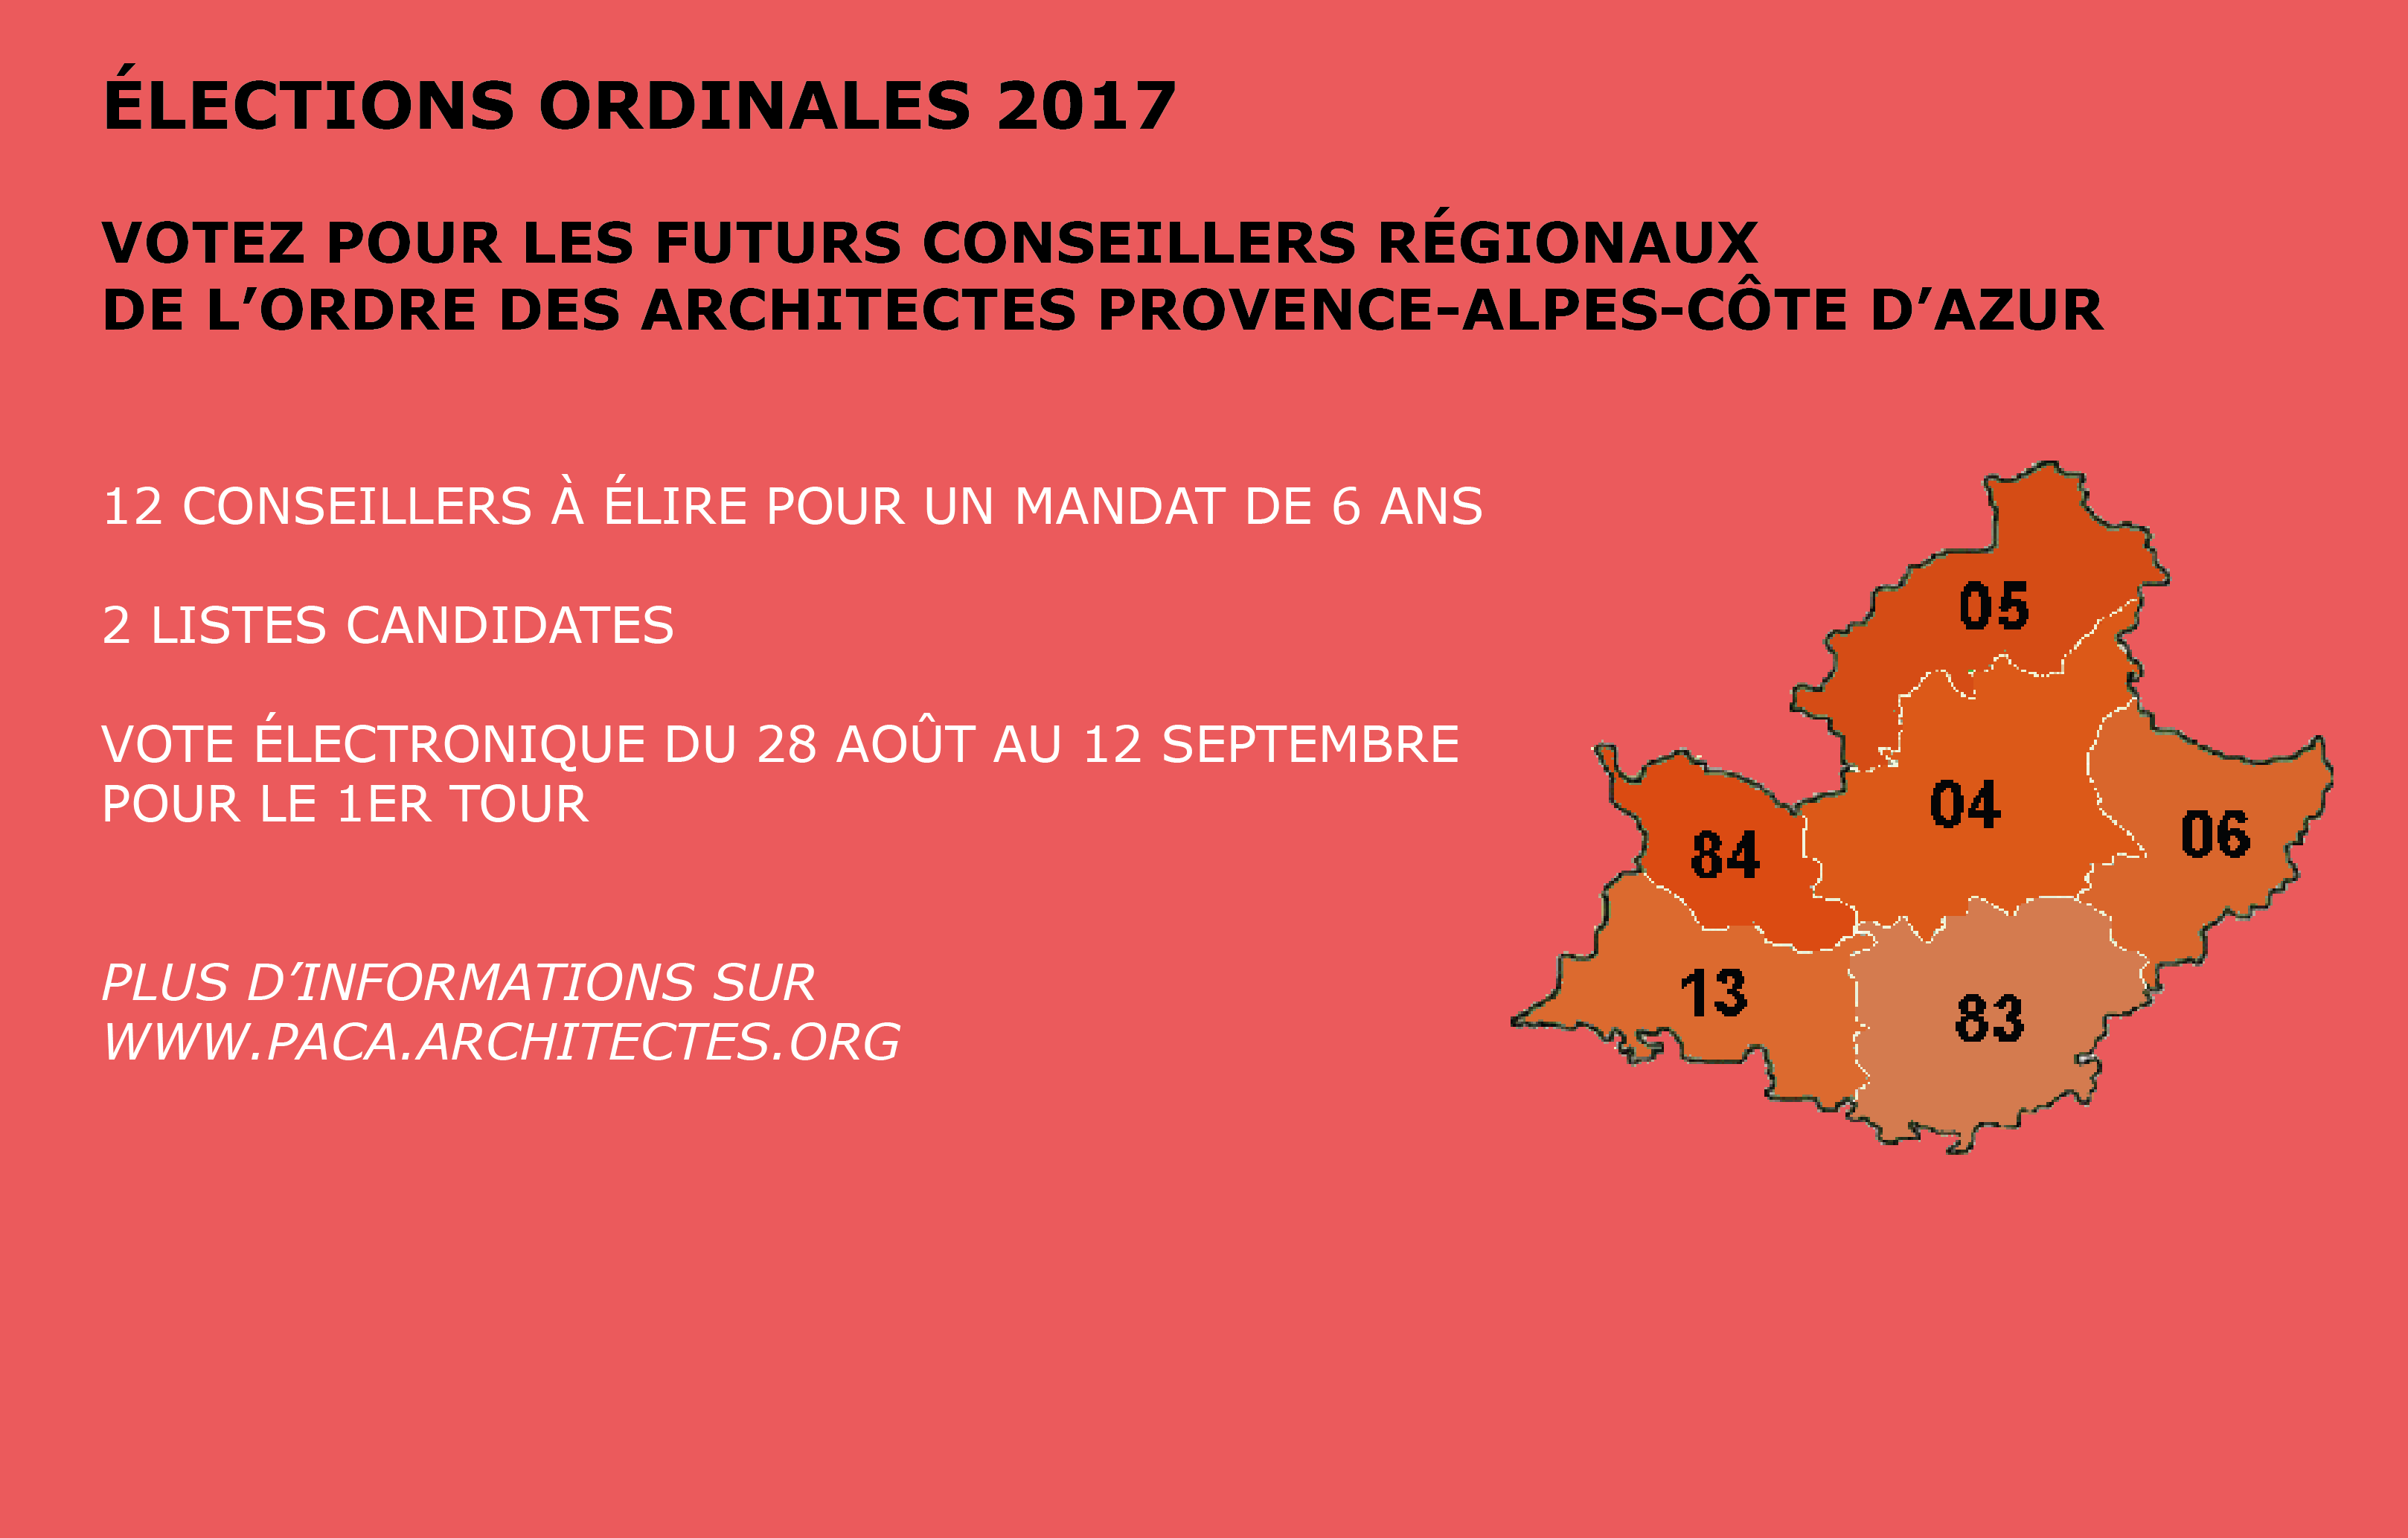 Conseil r gional de provence alpes c te d 39 azur ordre des for Ordre des architectes centre